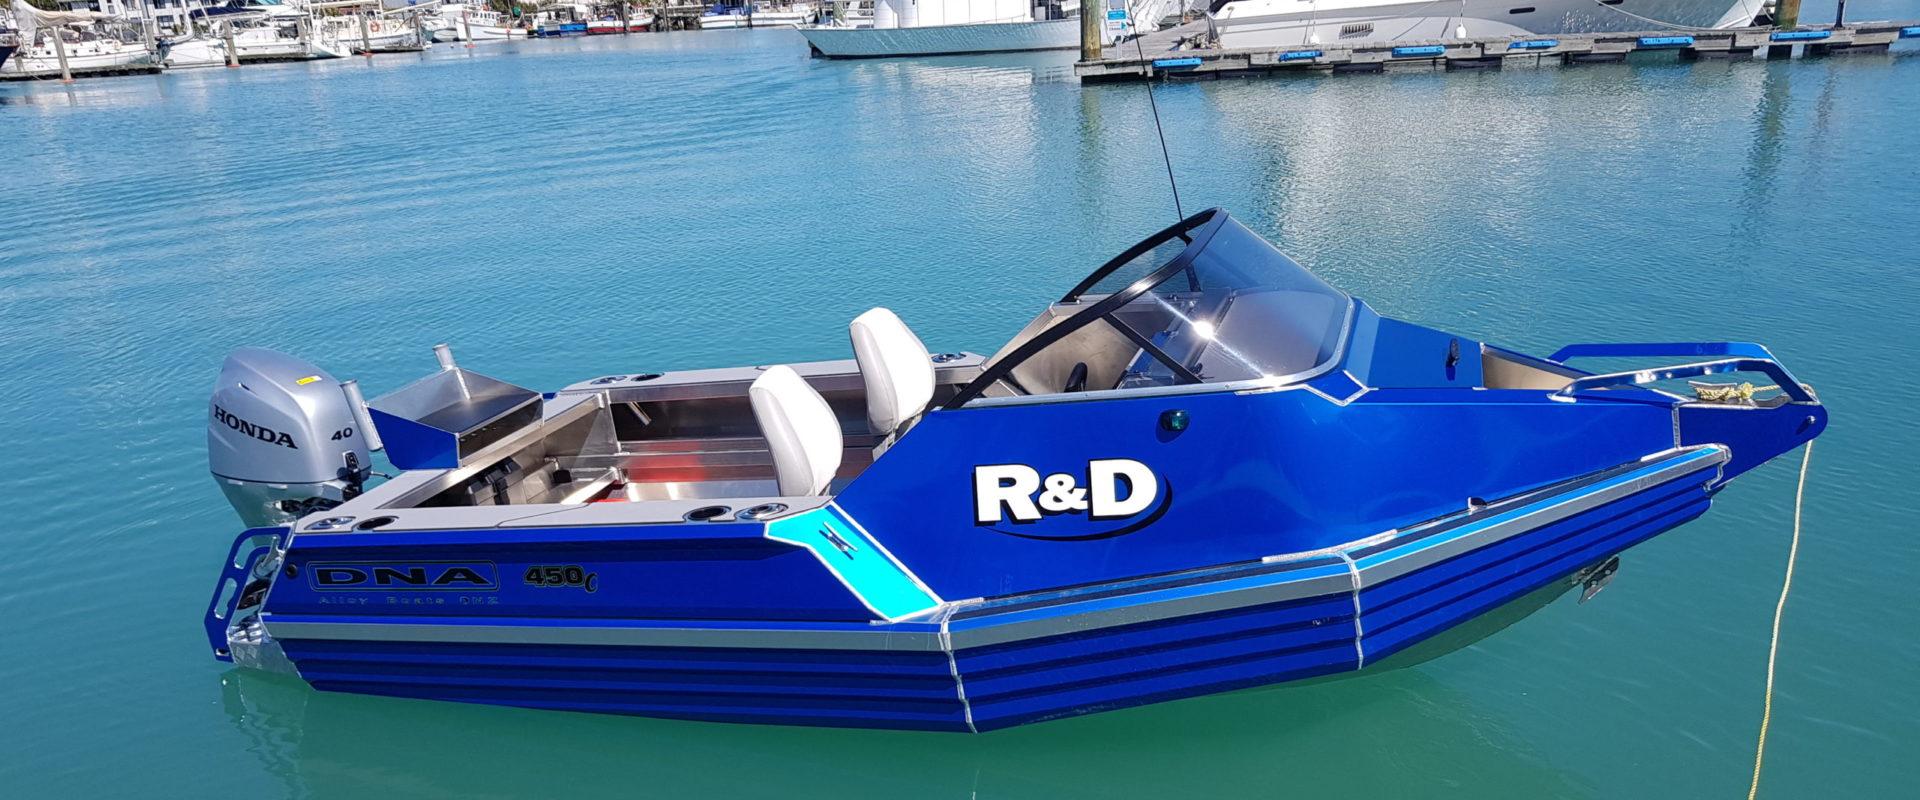 DNA Boats 450C - Rodeney Marine 2